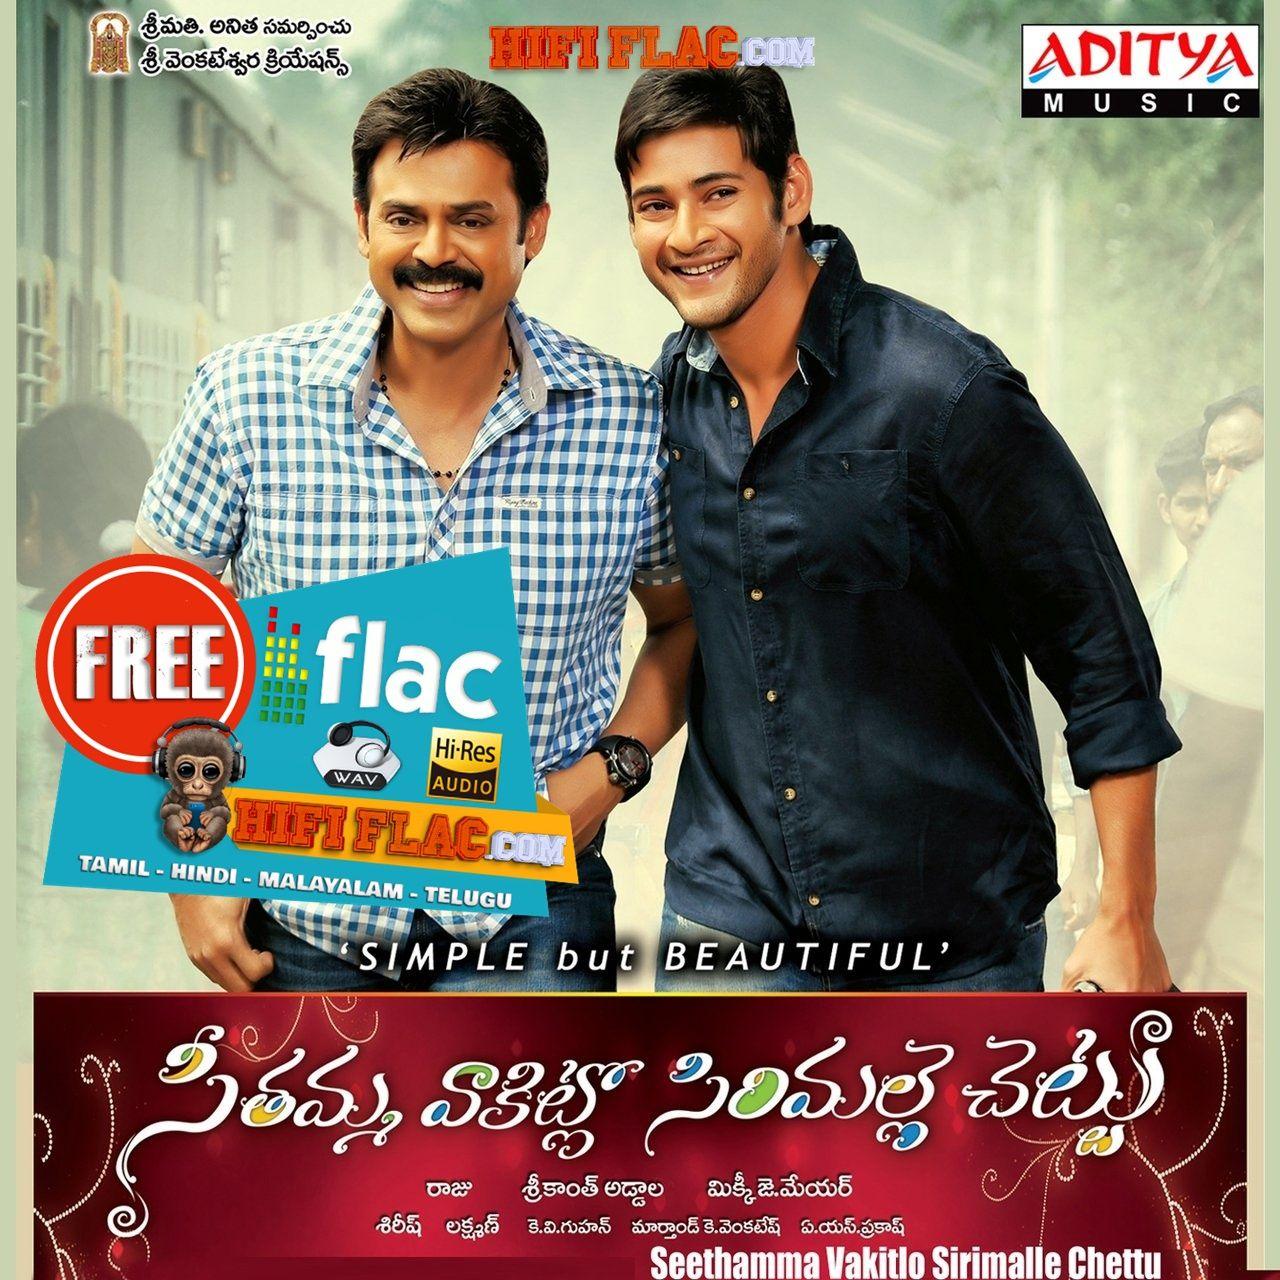 Seethamma Vakitlo Sirimalle Chettu 2012 Telugu Digitalrip Flac Telugu Telugu Movies Music